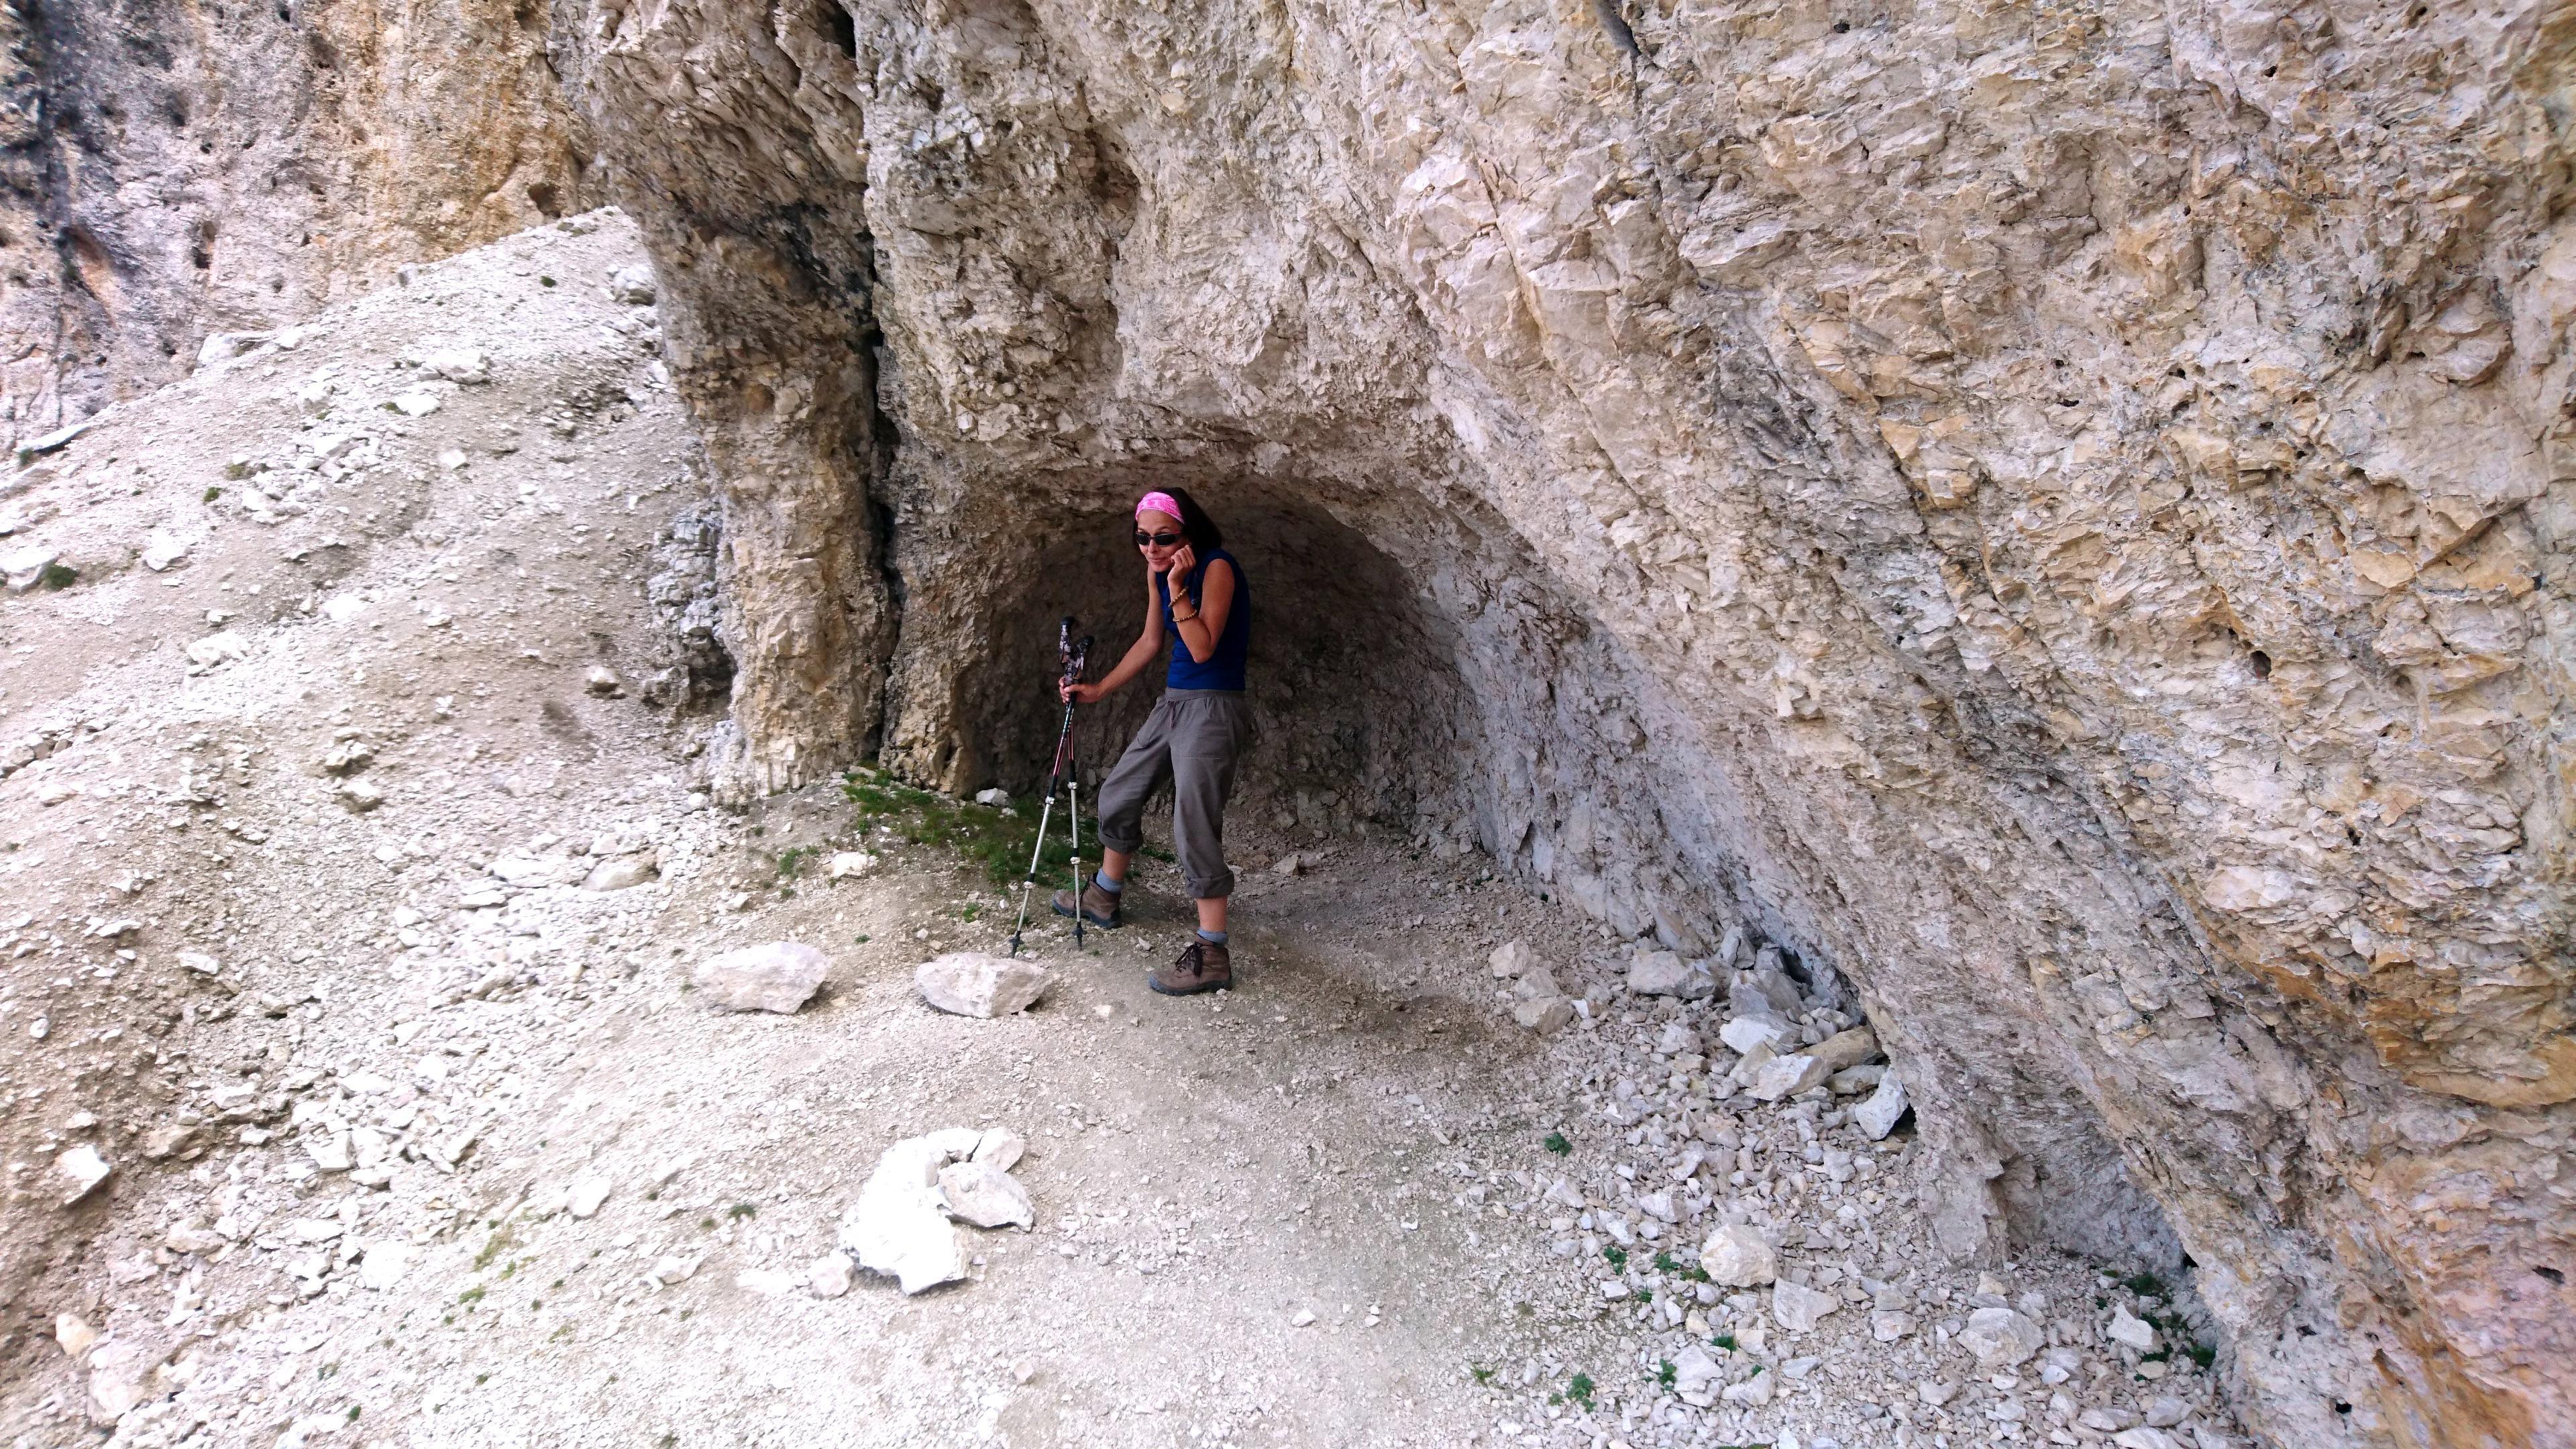 Erica gioca con una piccola nicchia naturale nella roccia